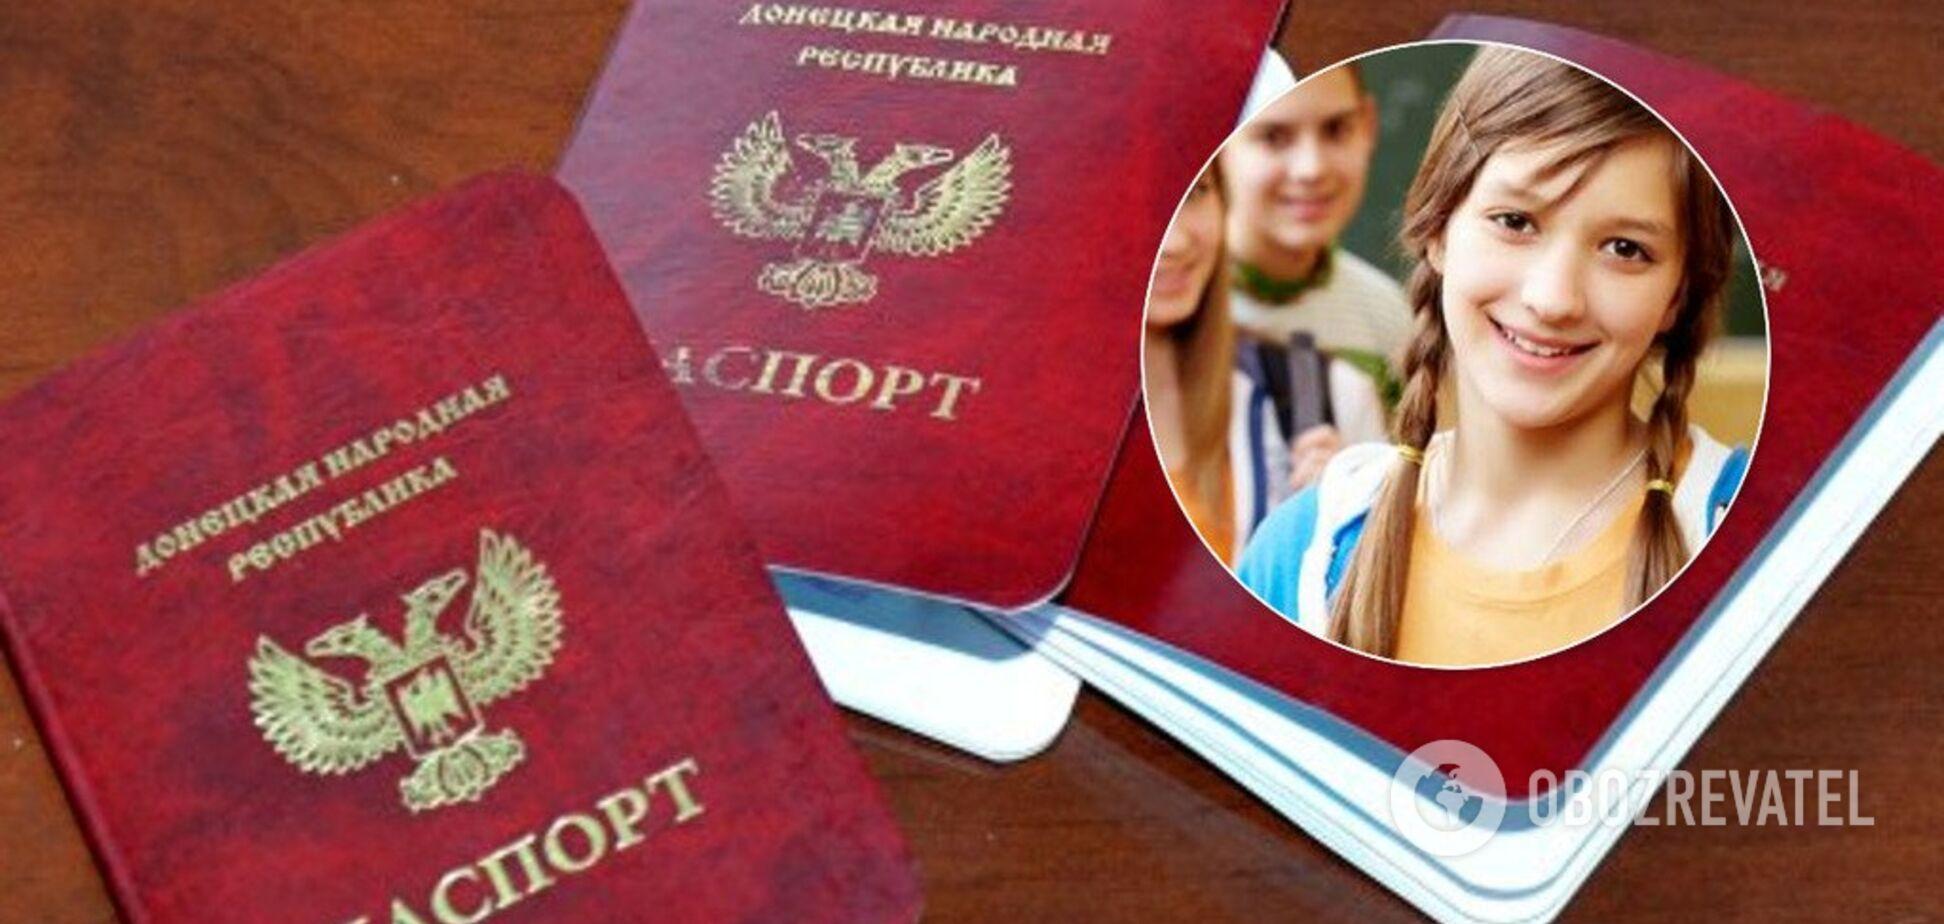 Подросткам из 'ДНР' перекрыли въезд в Россию: что произошло